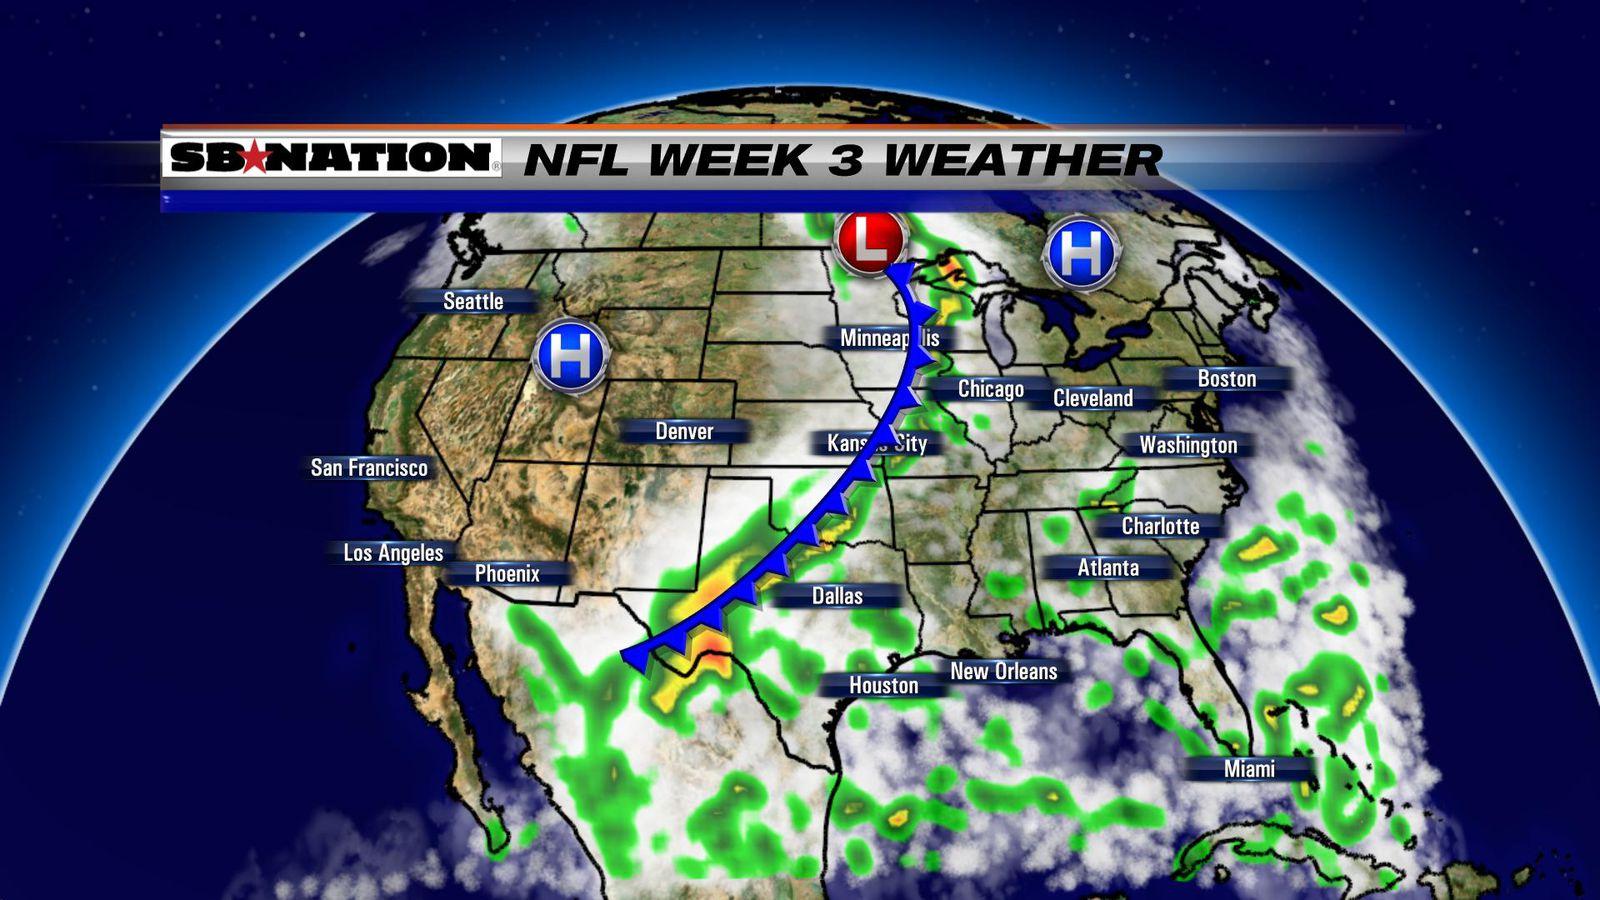 2016 NFL weather forecast, Week 3 - Mostly dry Sunday ...